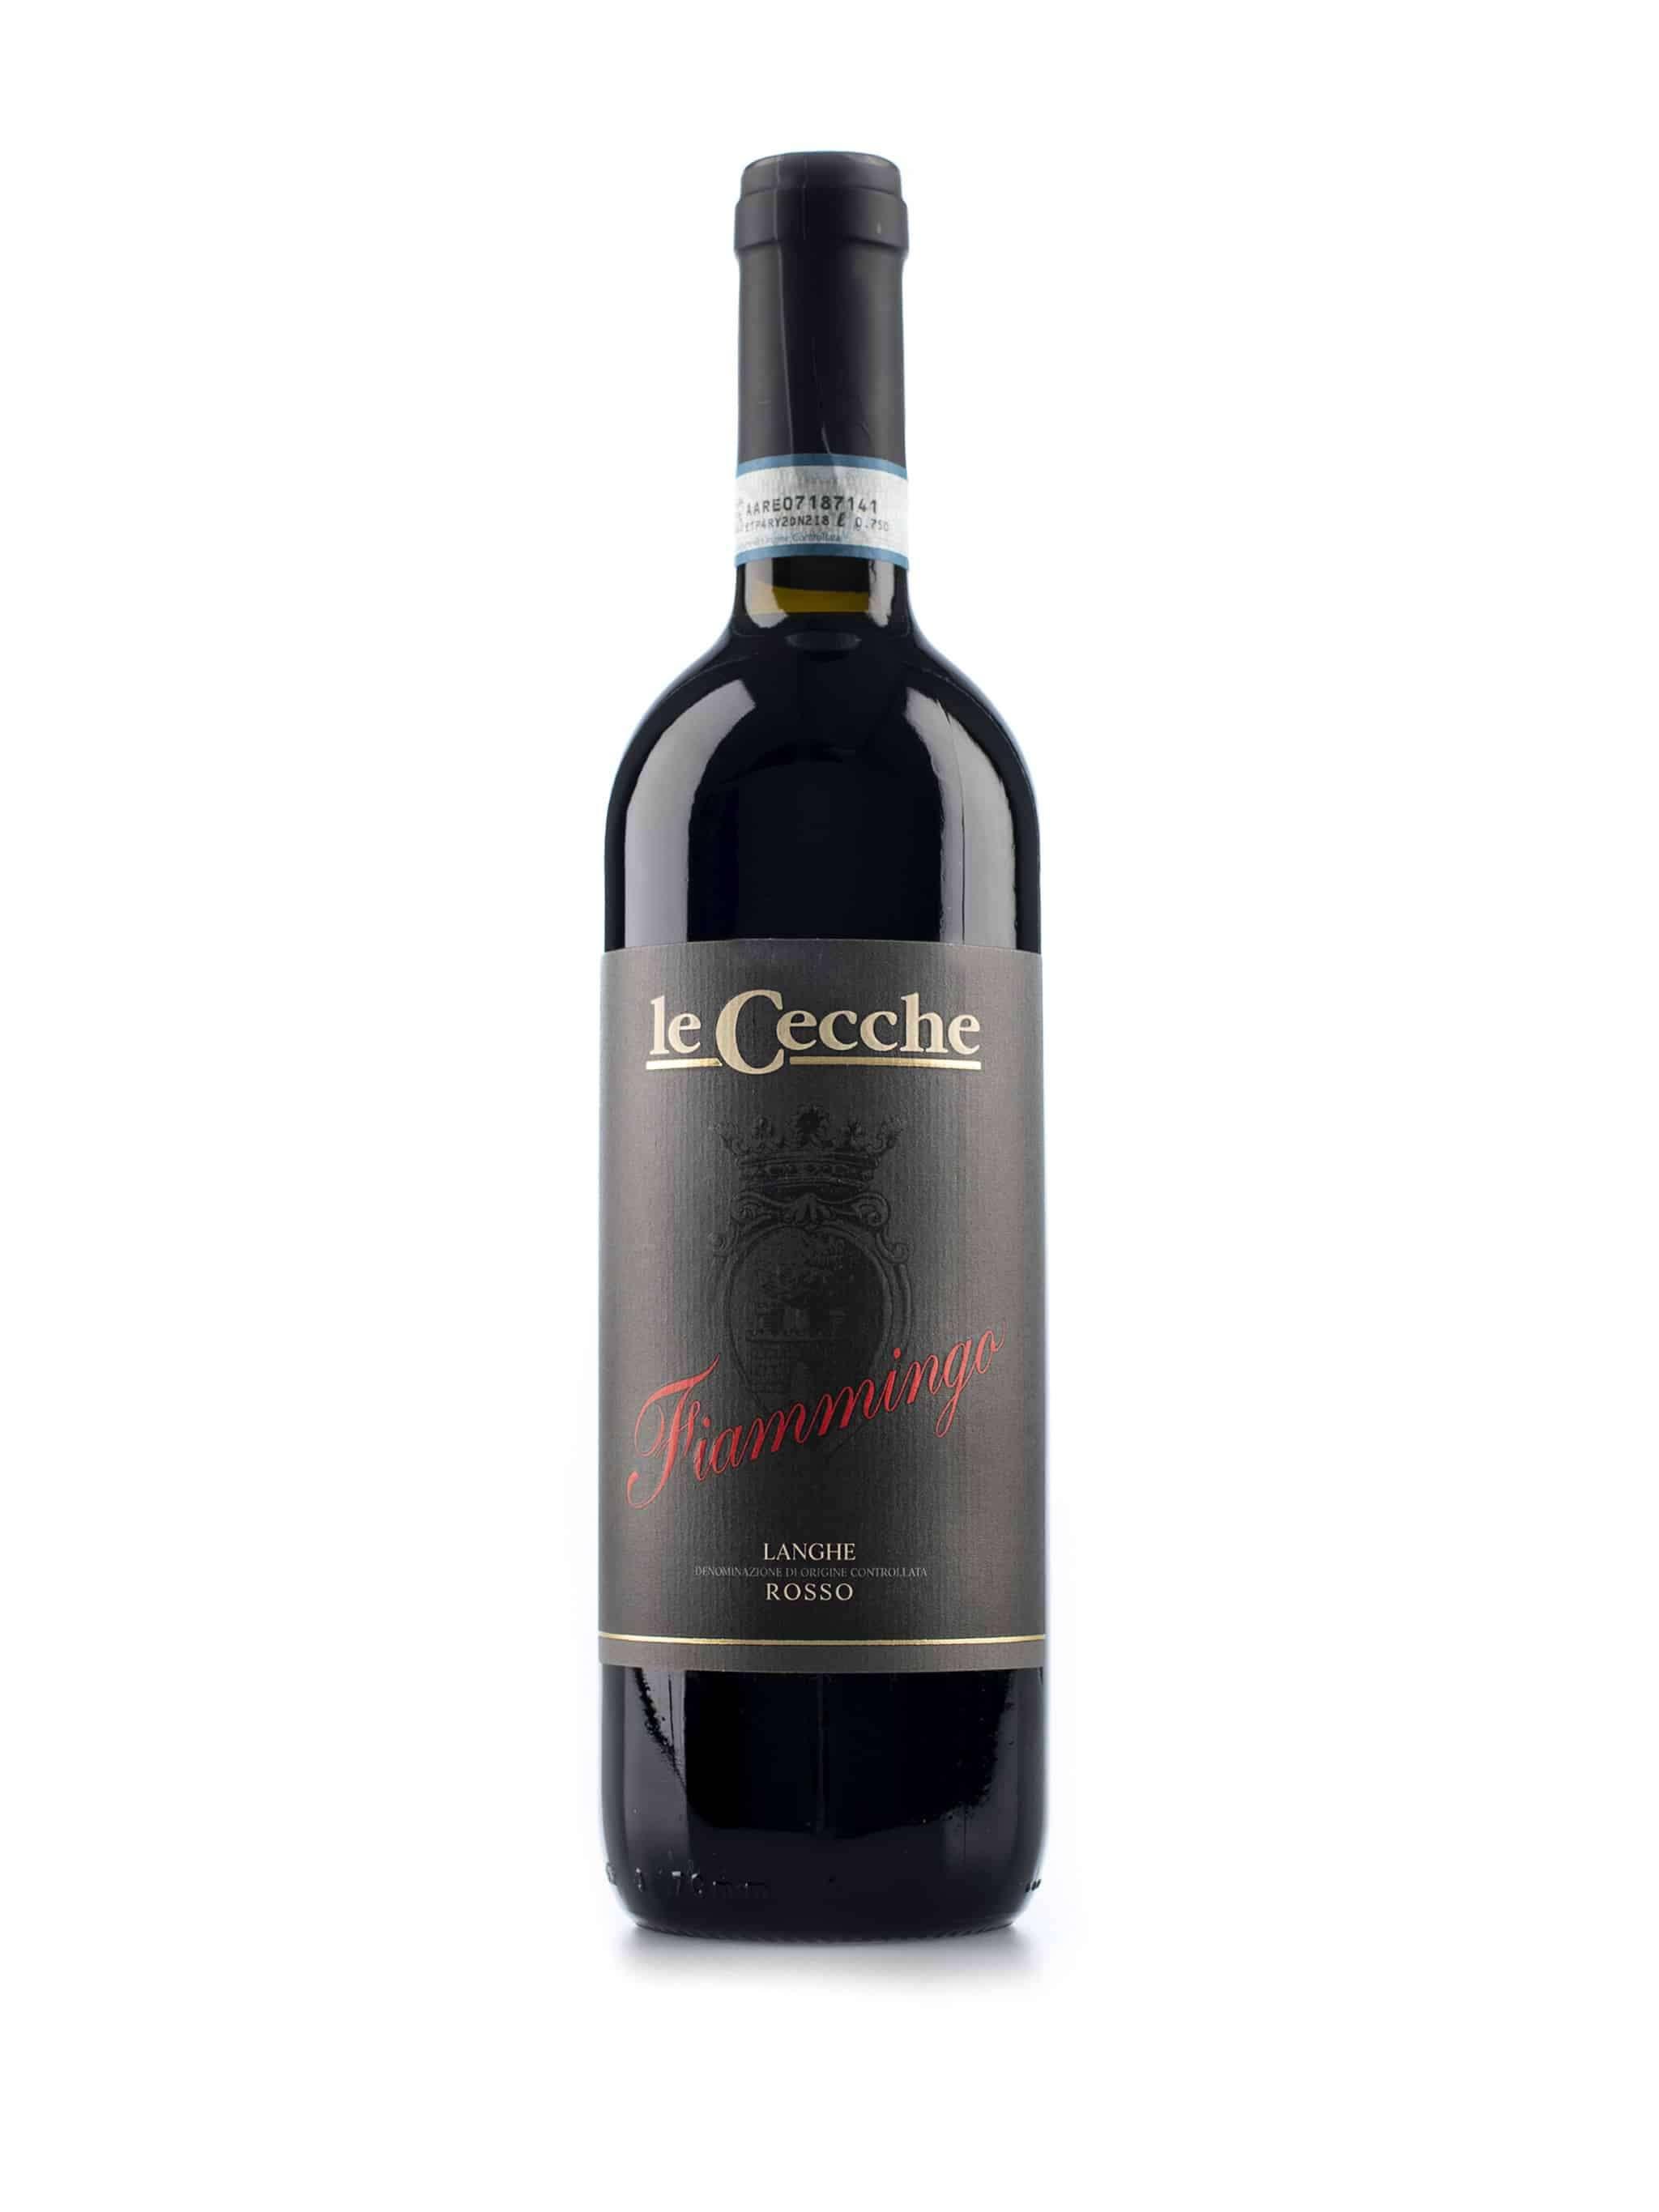 Italiaanse rode wijn van wijndomein Le Cecche: Fiammingo Langhe Rosso